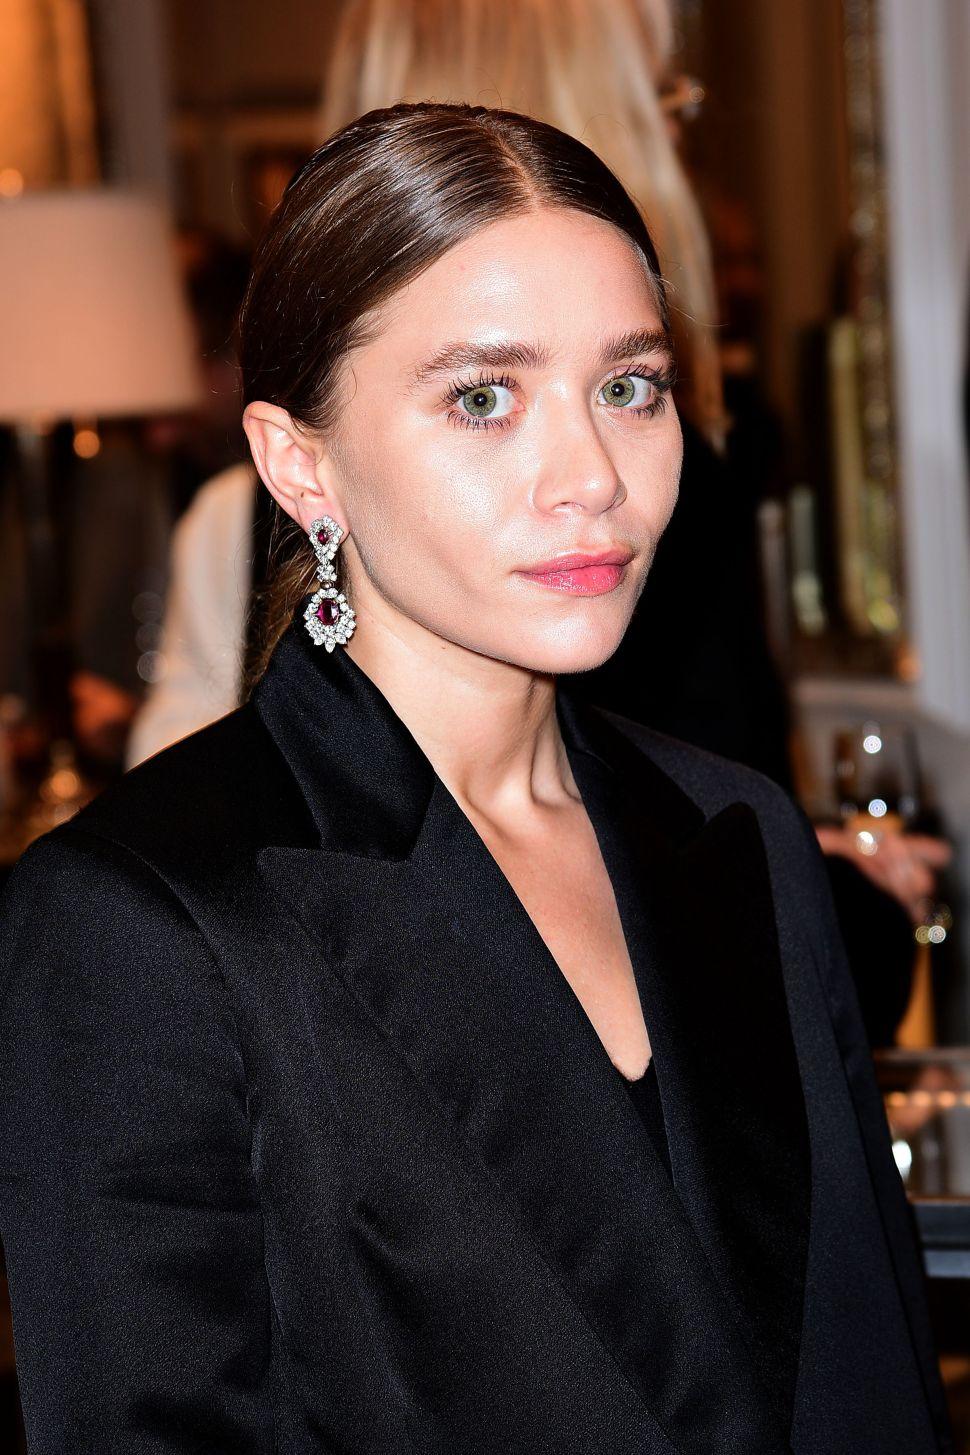 Ashley Olsen Buys $6.75M Greenwich Village Spread